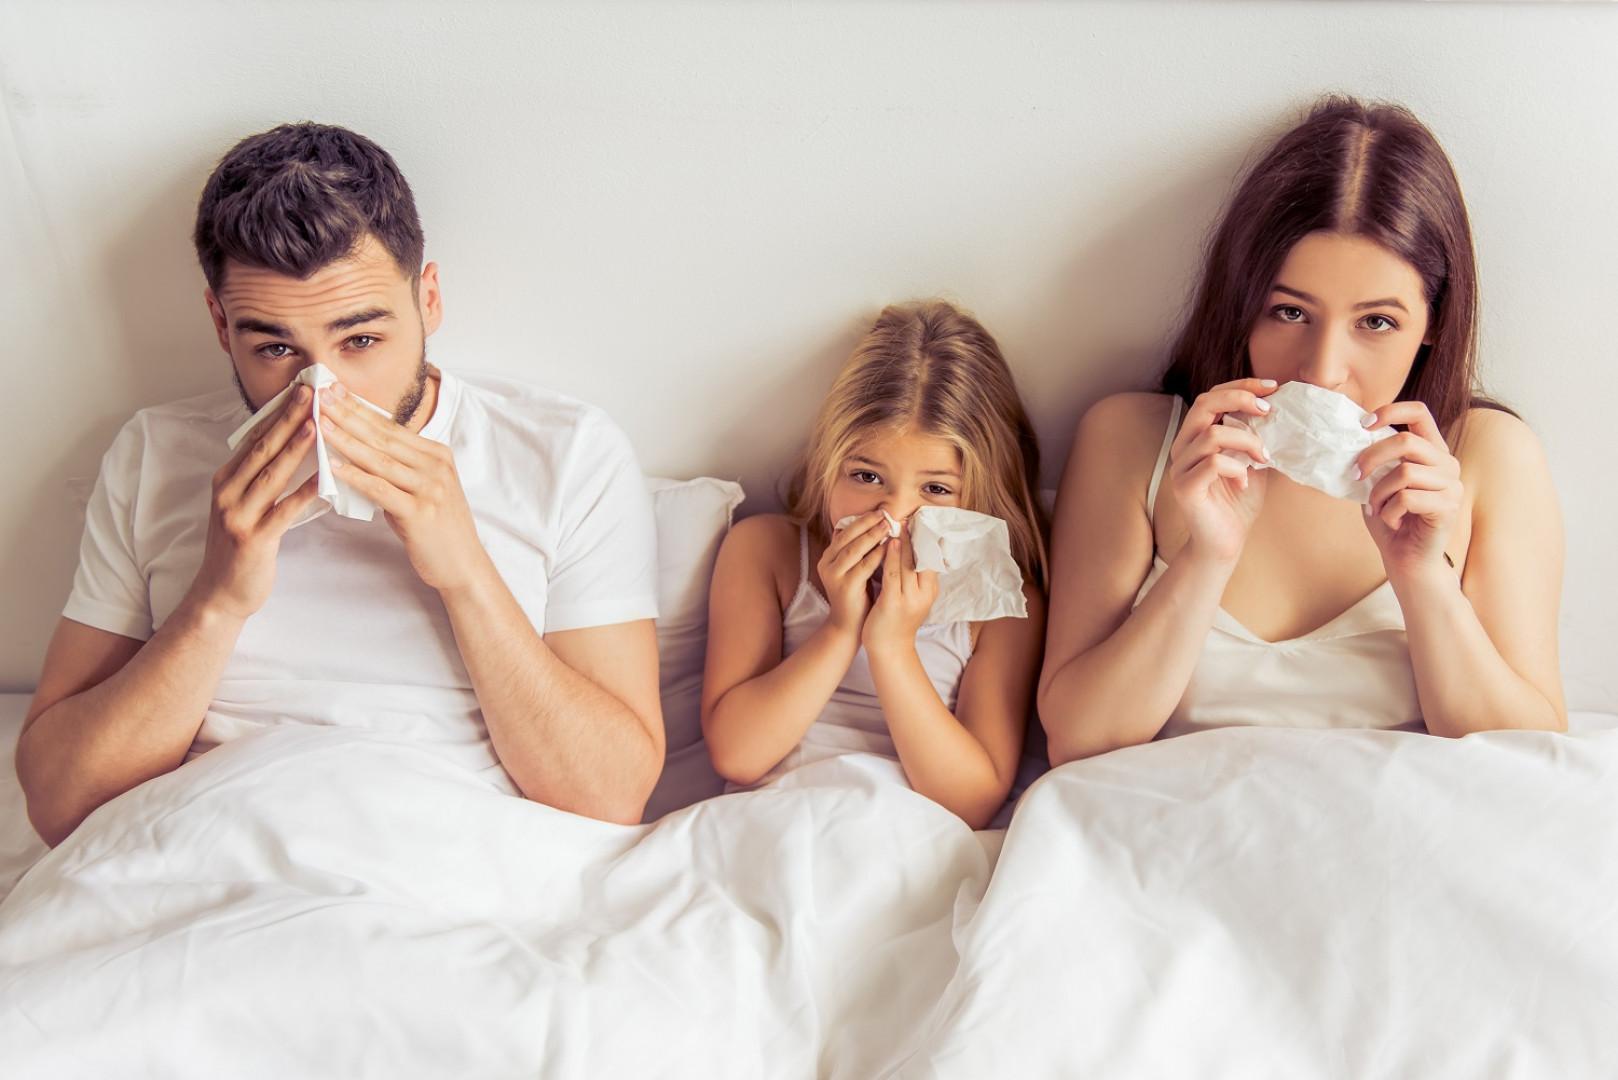 Podstawową sprawą, o którą powinniśmy zadbać, jest dość częsta walka z kurzem, gromadzącym się w sypialni. Fot. 123RF